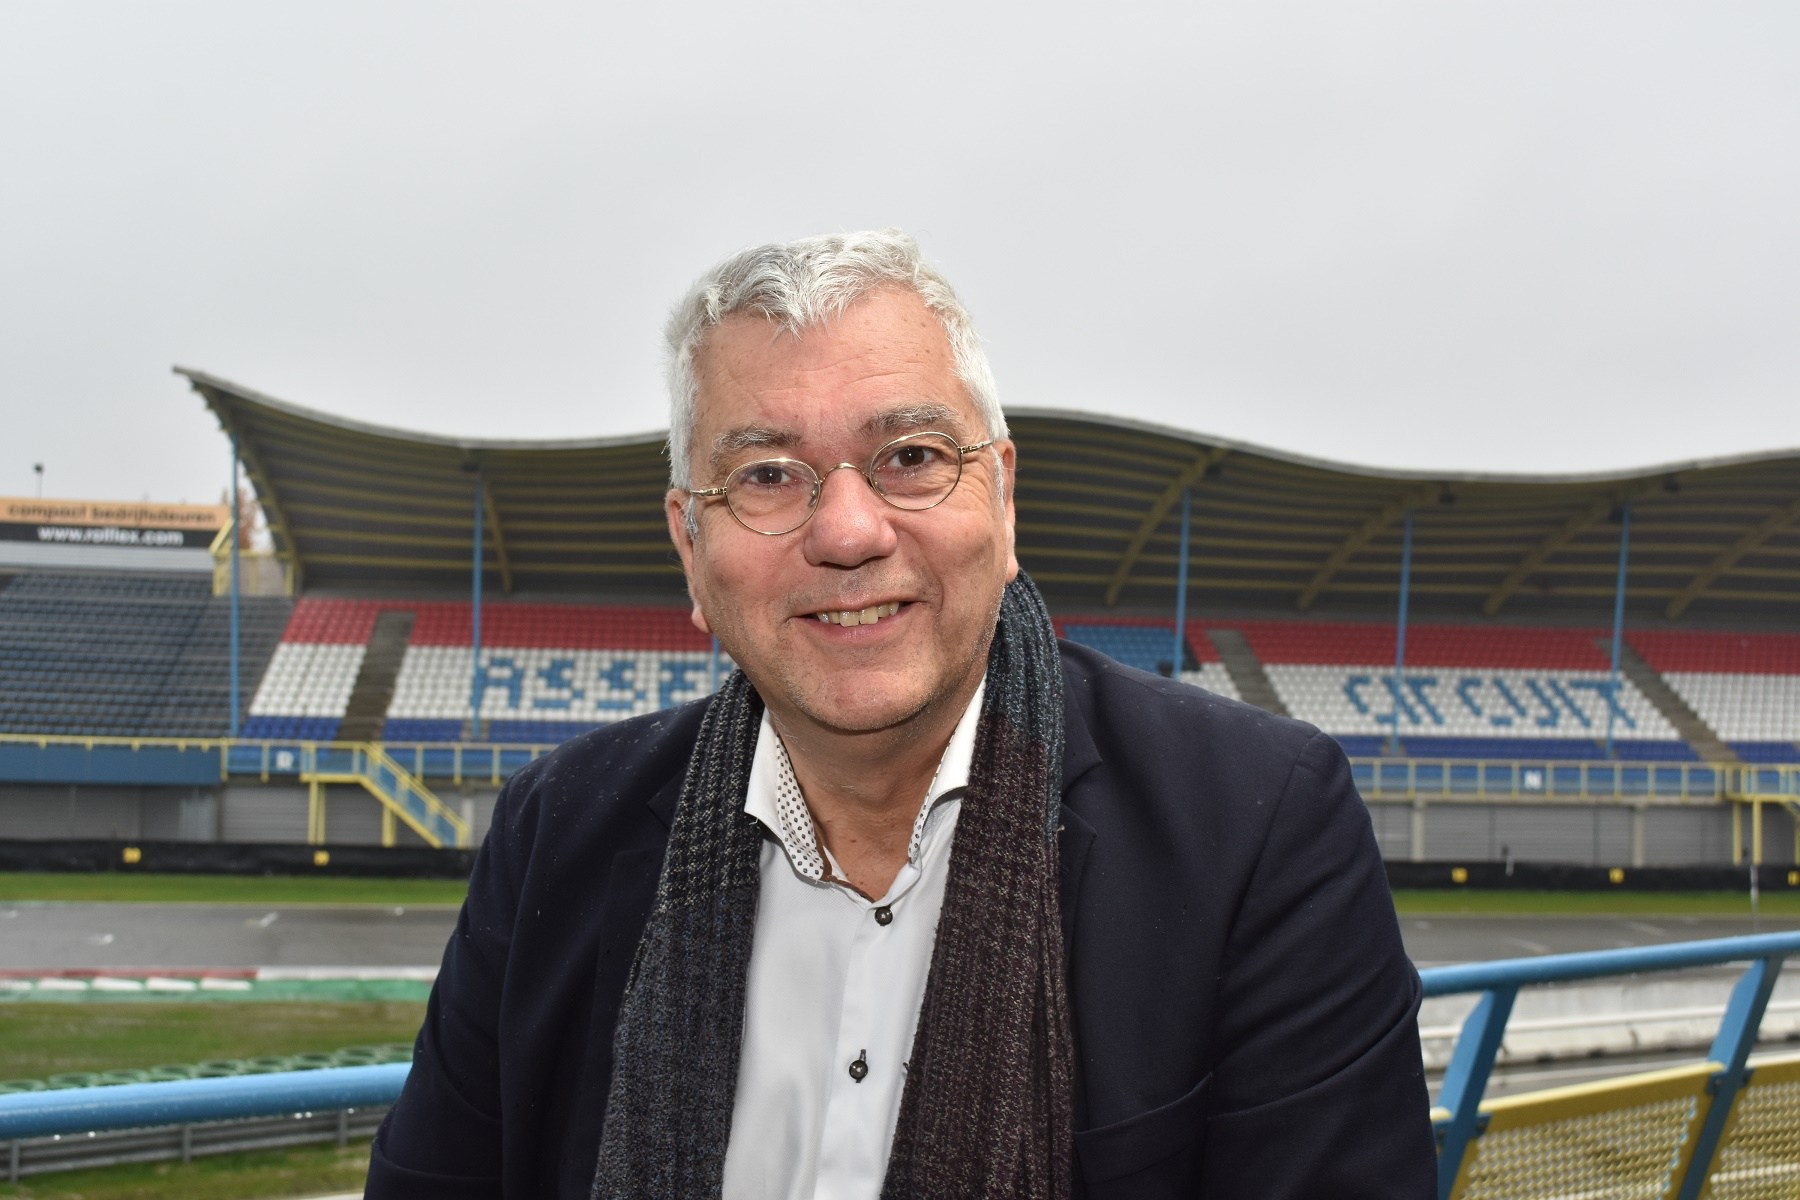 Peter Oosterbaan: 'Het binnenhalen van de Formule 1 zou op zichzelf al een geweldige marketingactie zijn'